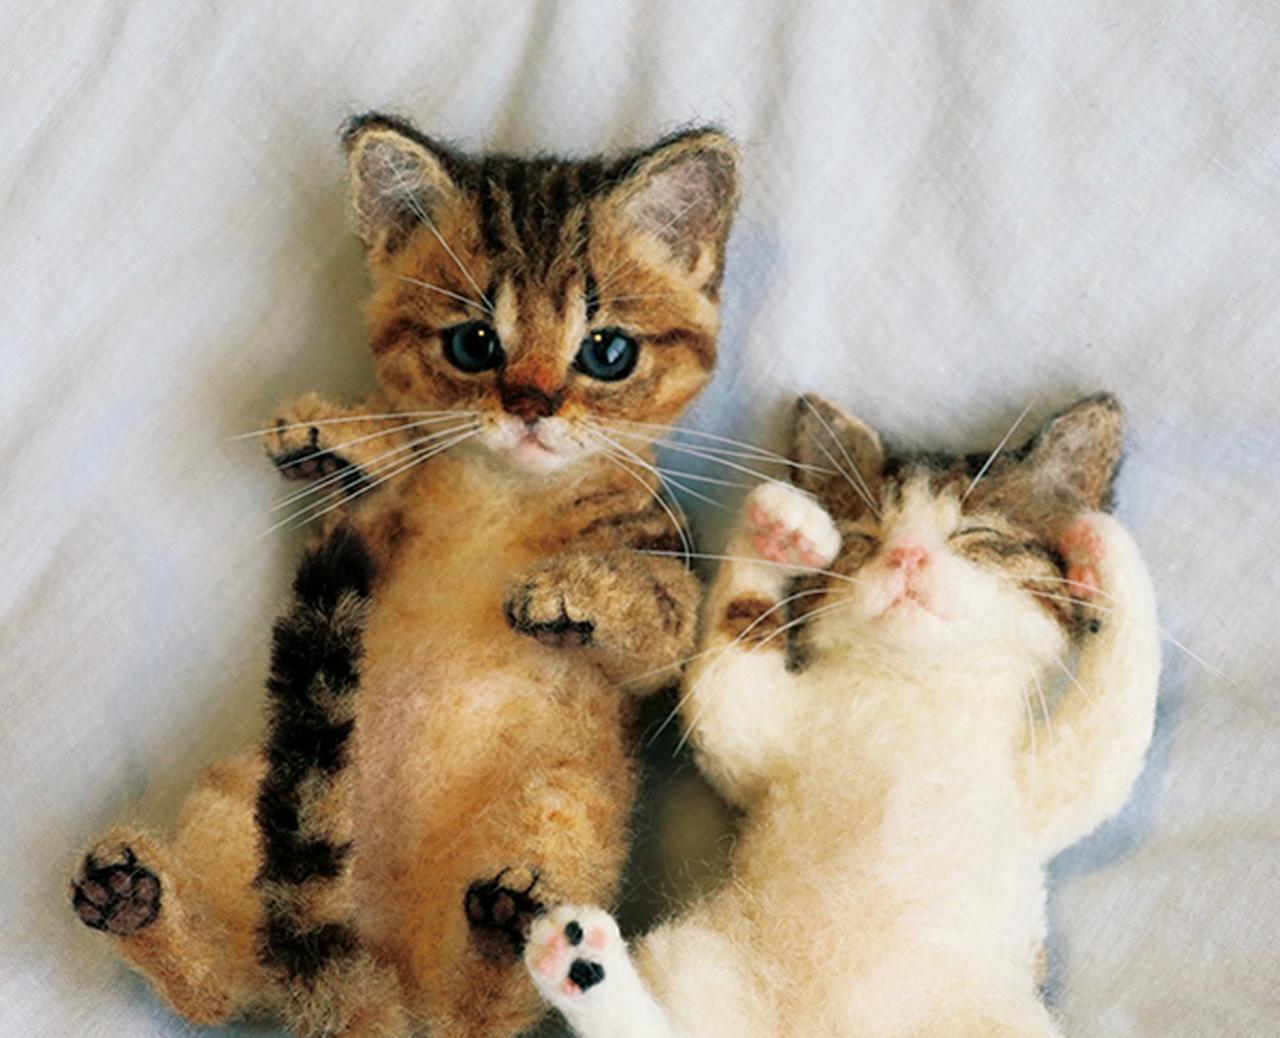 【猫の日】2月22日じゃないの? 実は世界猫の日は8月8日。大丸梅田店で「全館ねこだらけ」イベントが開催!